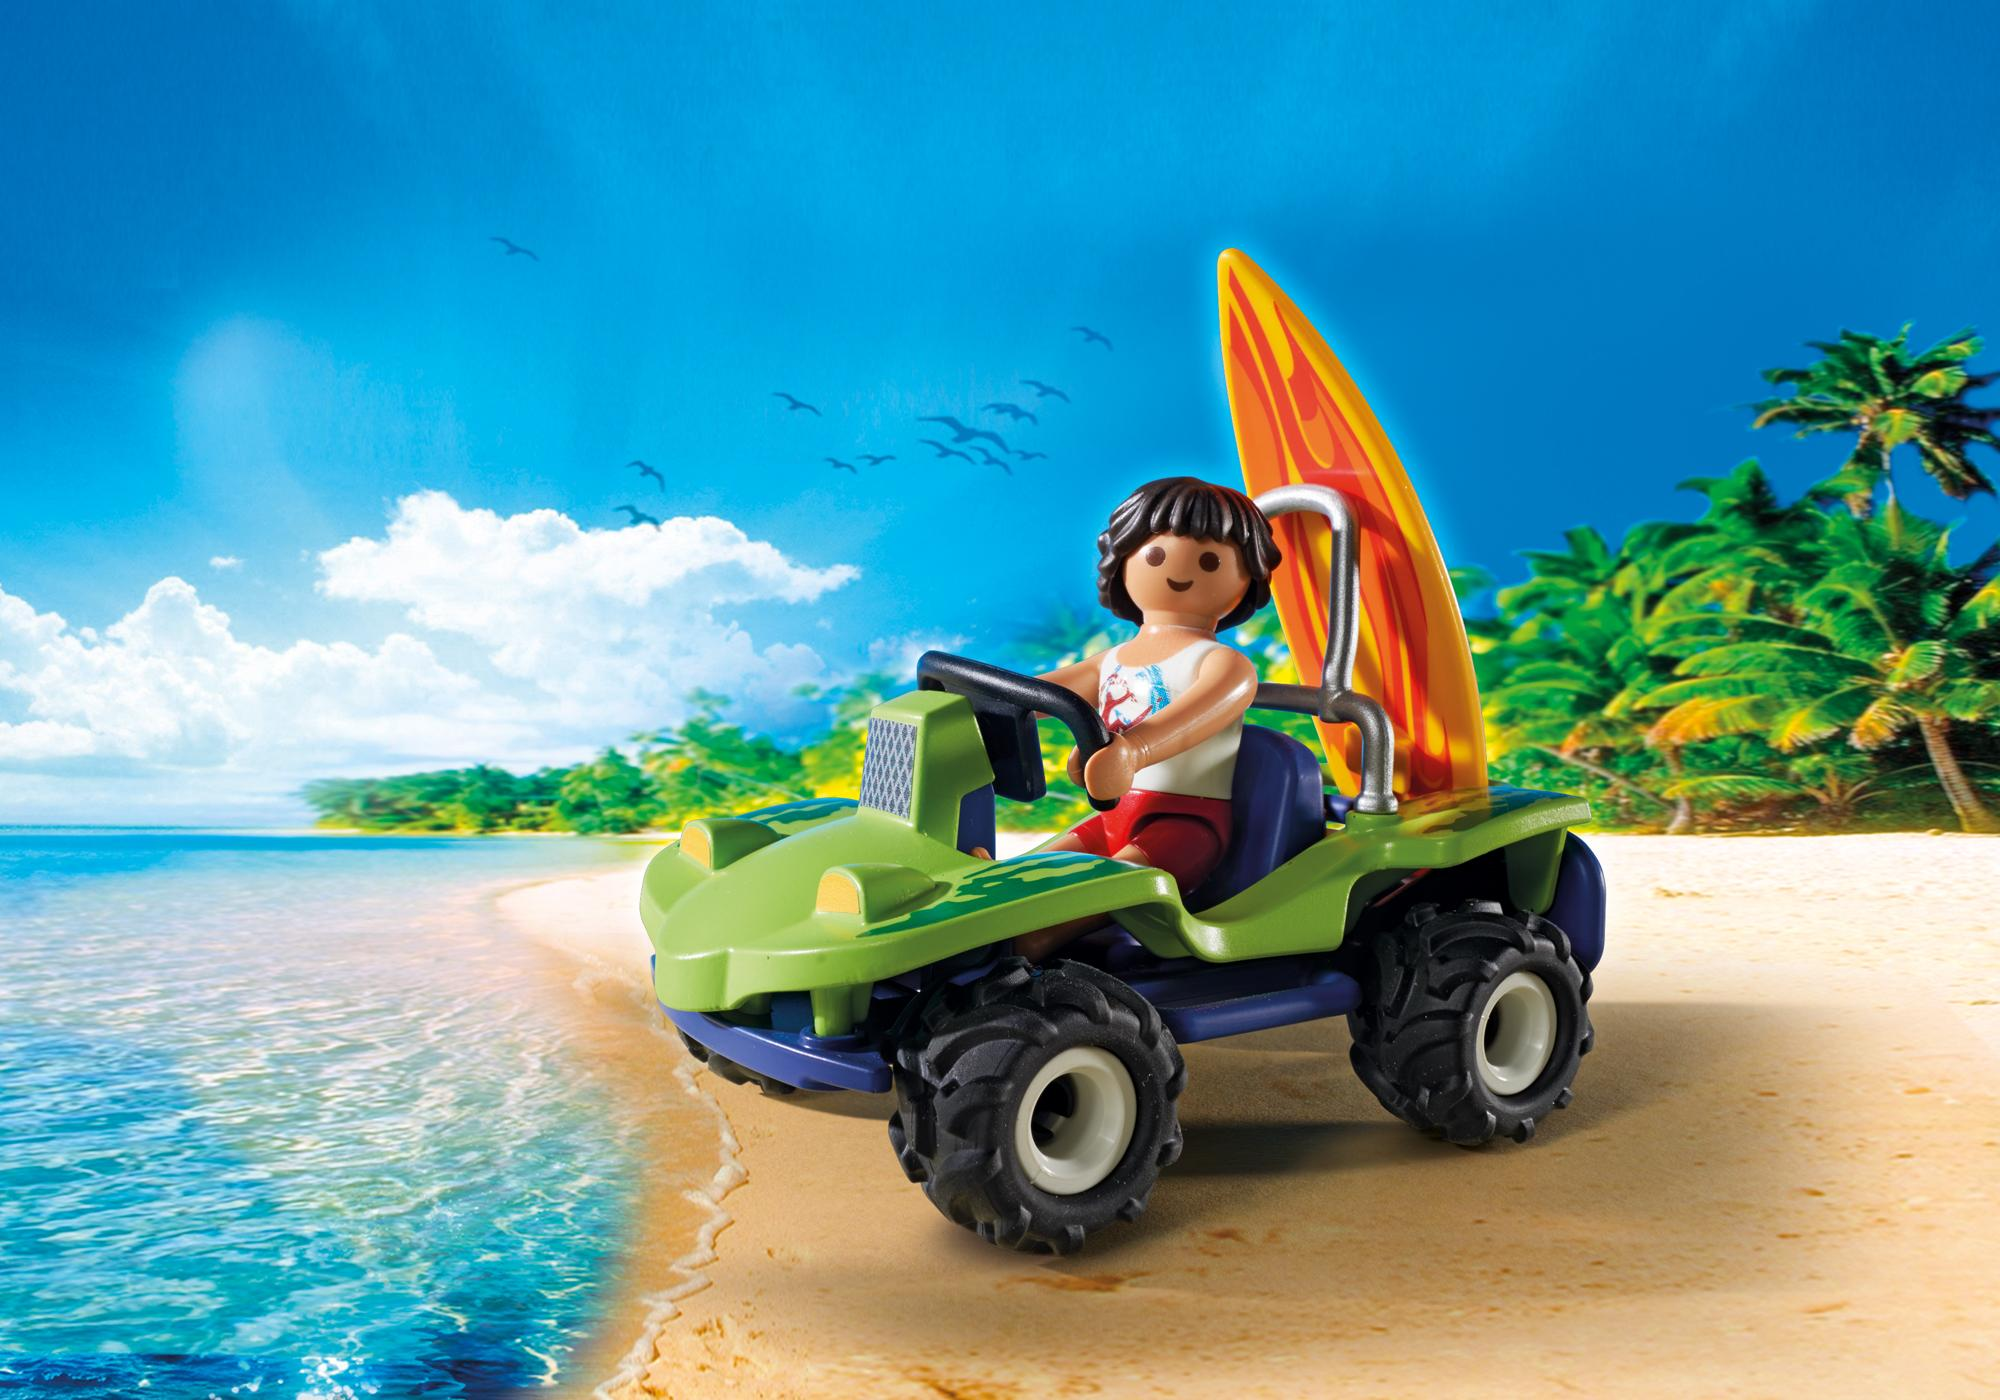 http://media.playmobil.com/i/playmobil/6982_product_extra1/Surfista com Buggy